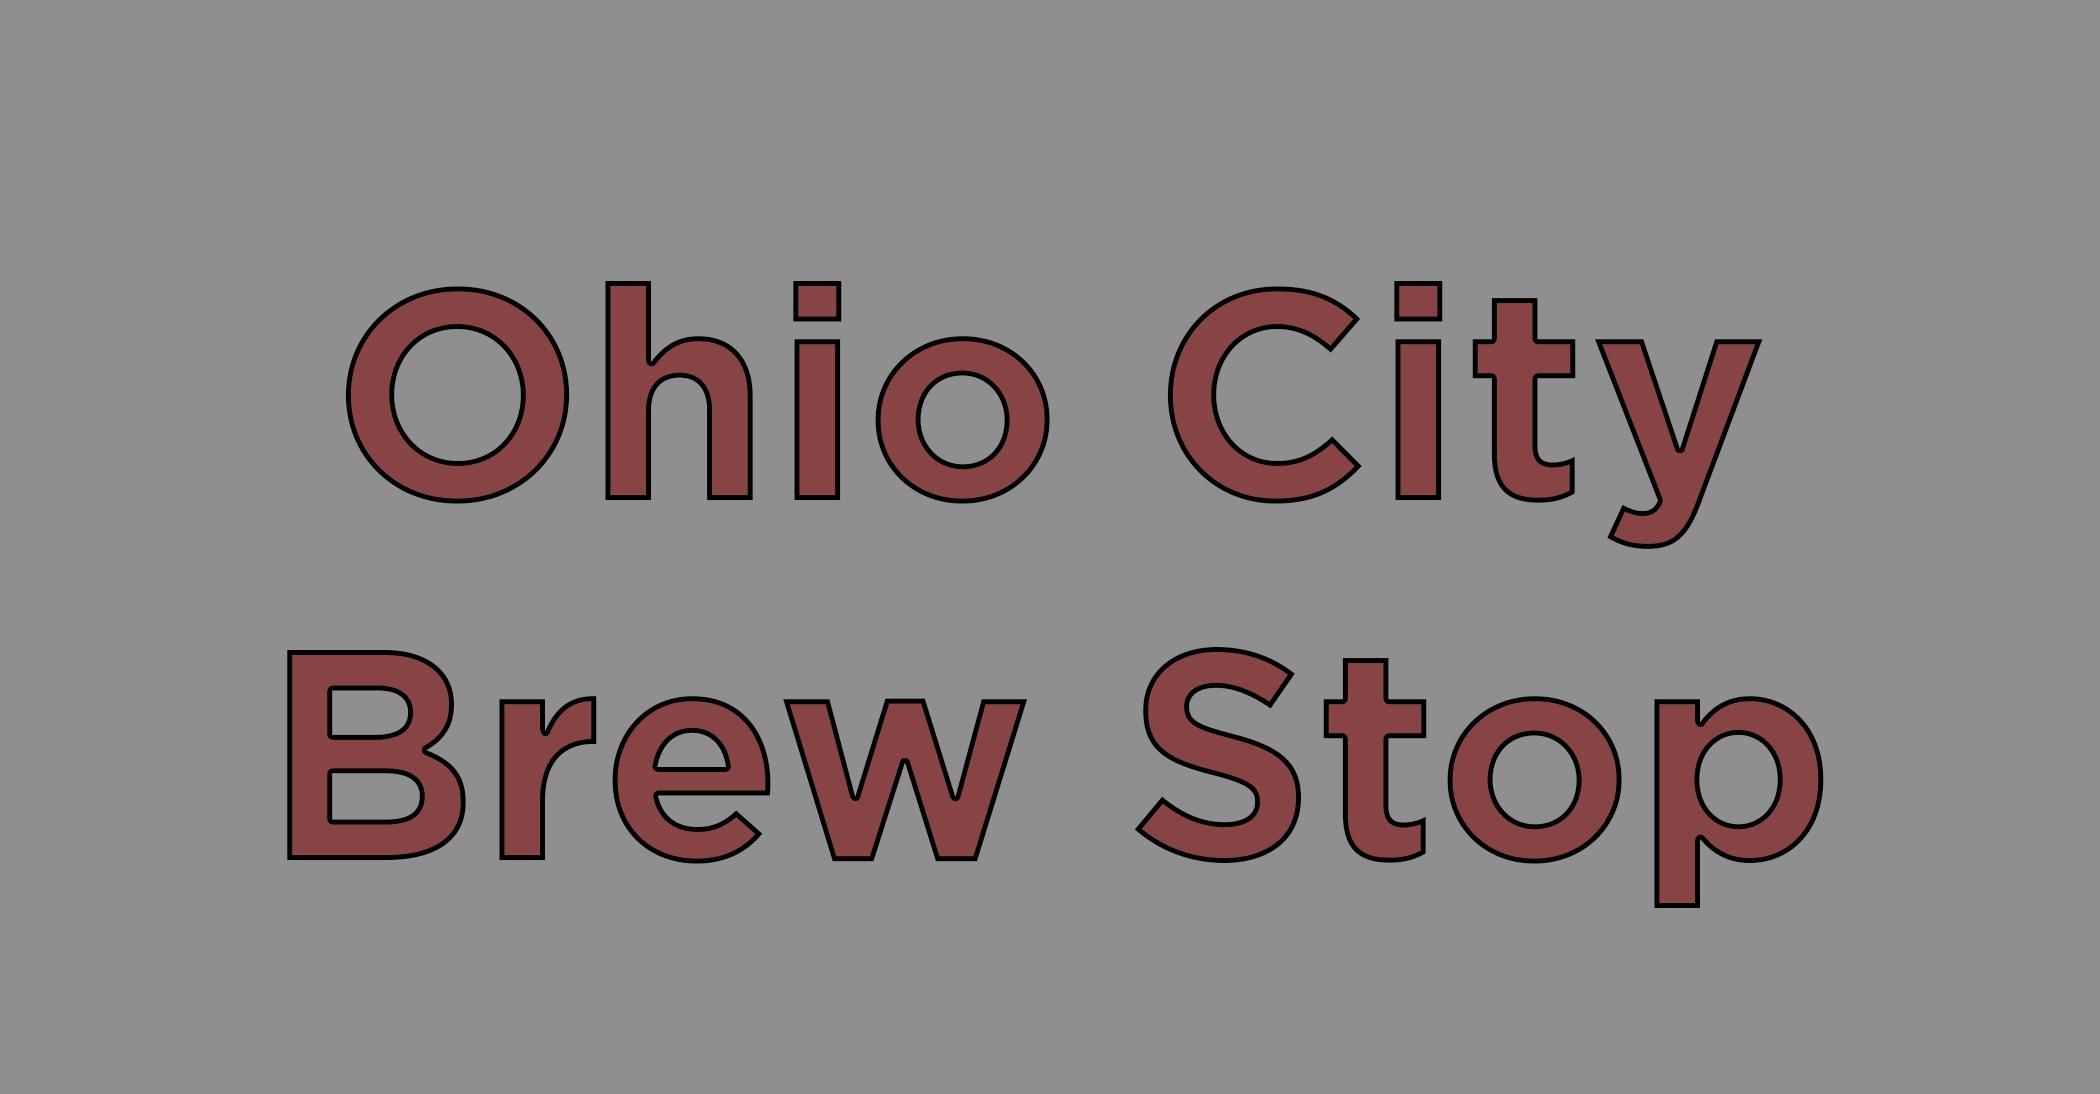 Ohio City Brew Stop.jpg